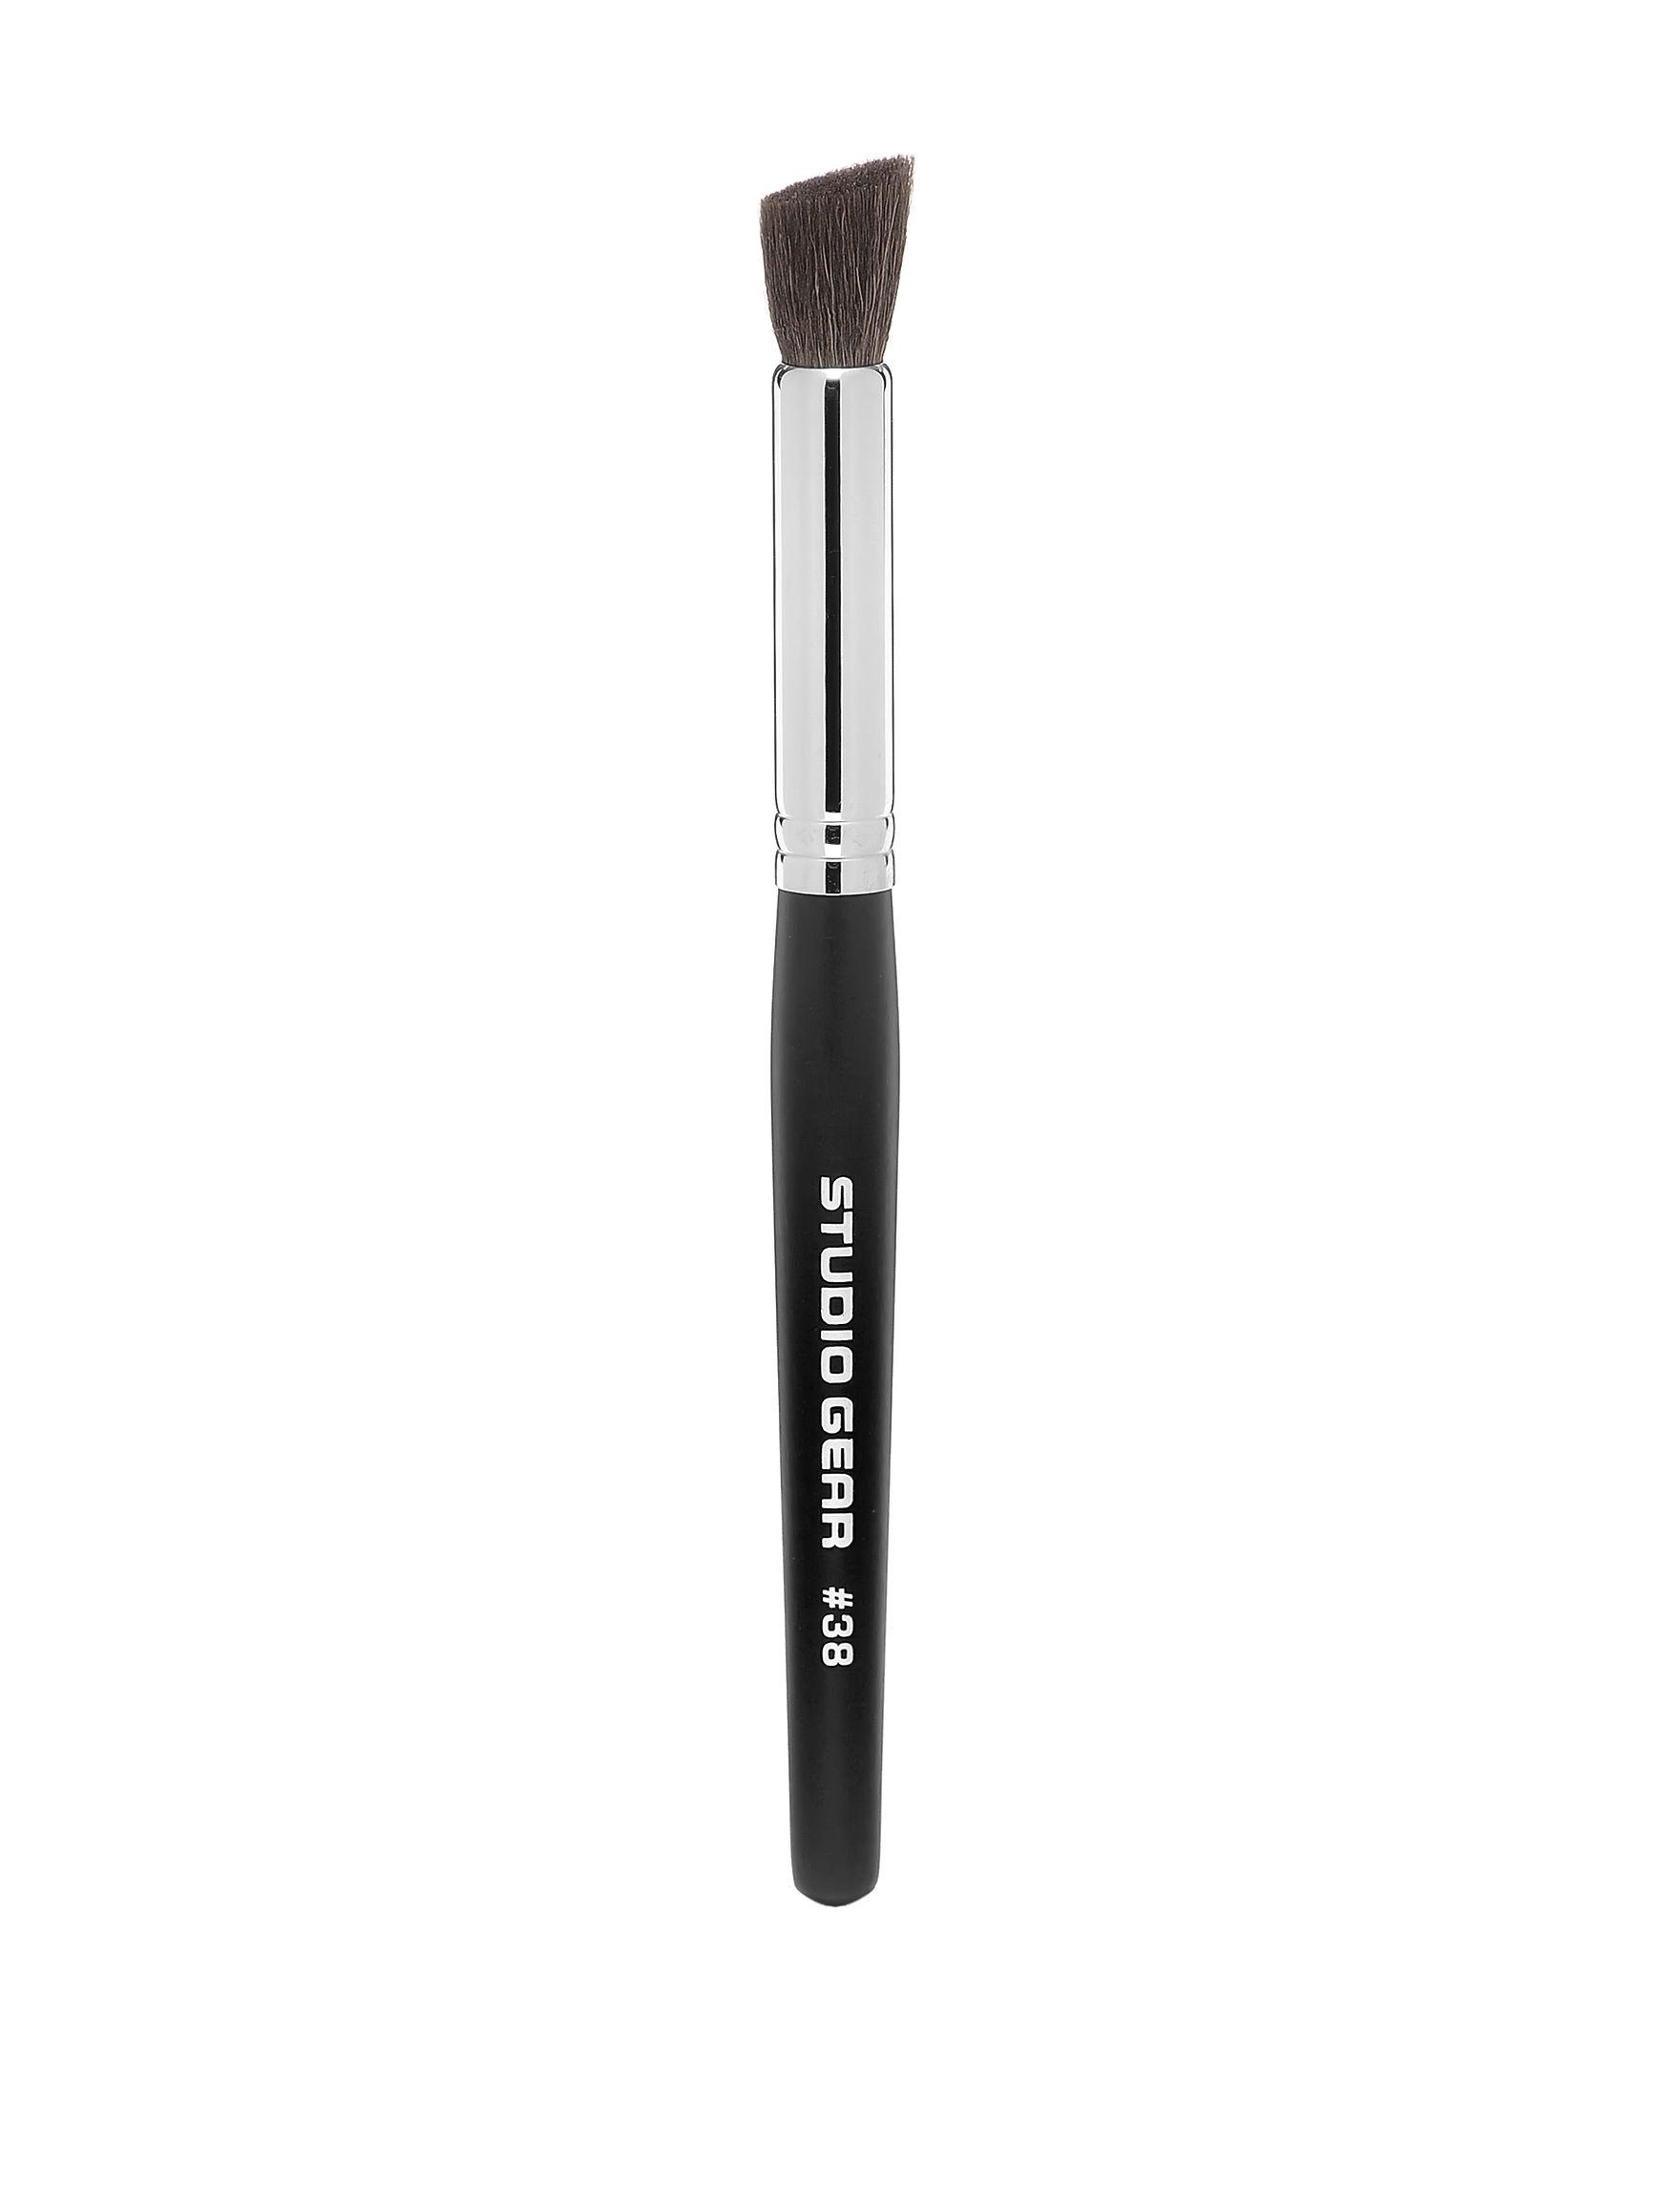 Studio Gear  Tools & Brushes Eyebrow & Eyelash Tools